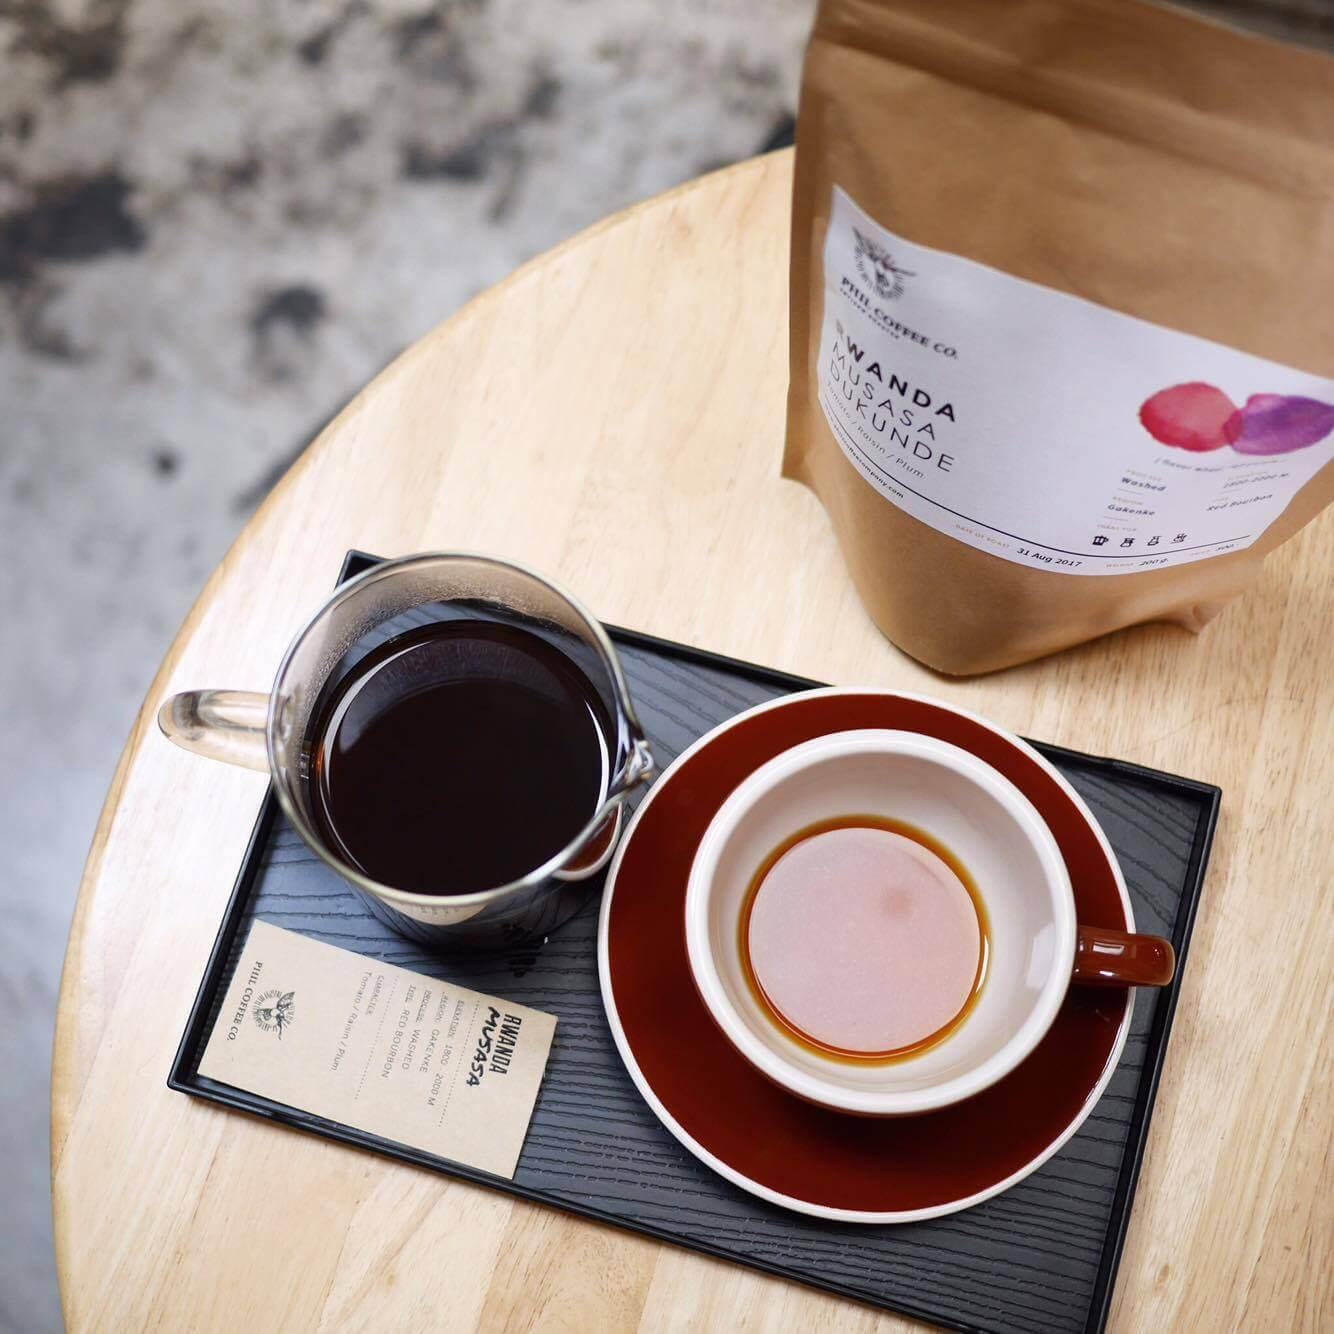 10 ร้านกาแฟ ทองหล่อ - เอกมัย เครื่องดื่มเด็ด บรรยากาศดี 45 - Ananda Development (อนันดา ดีเวลลอปเม้นท์)